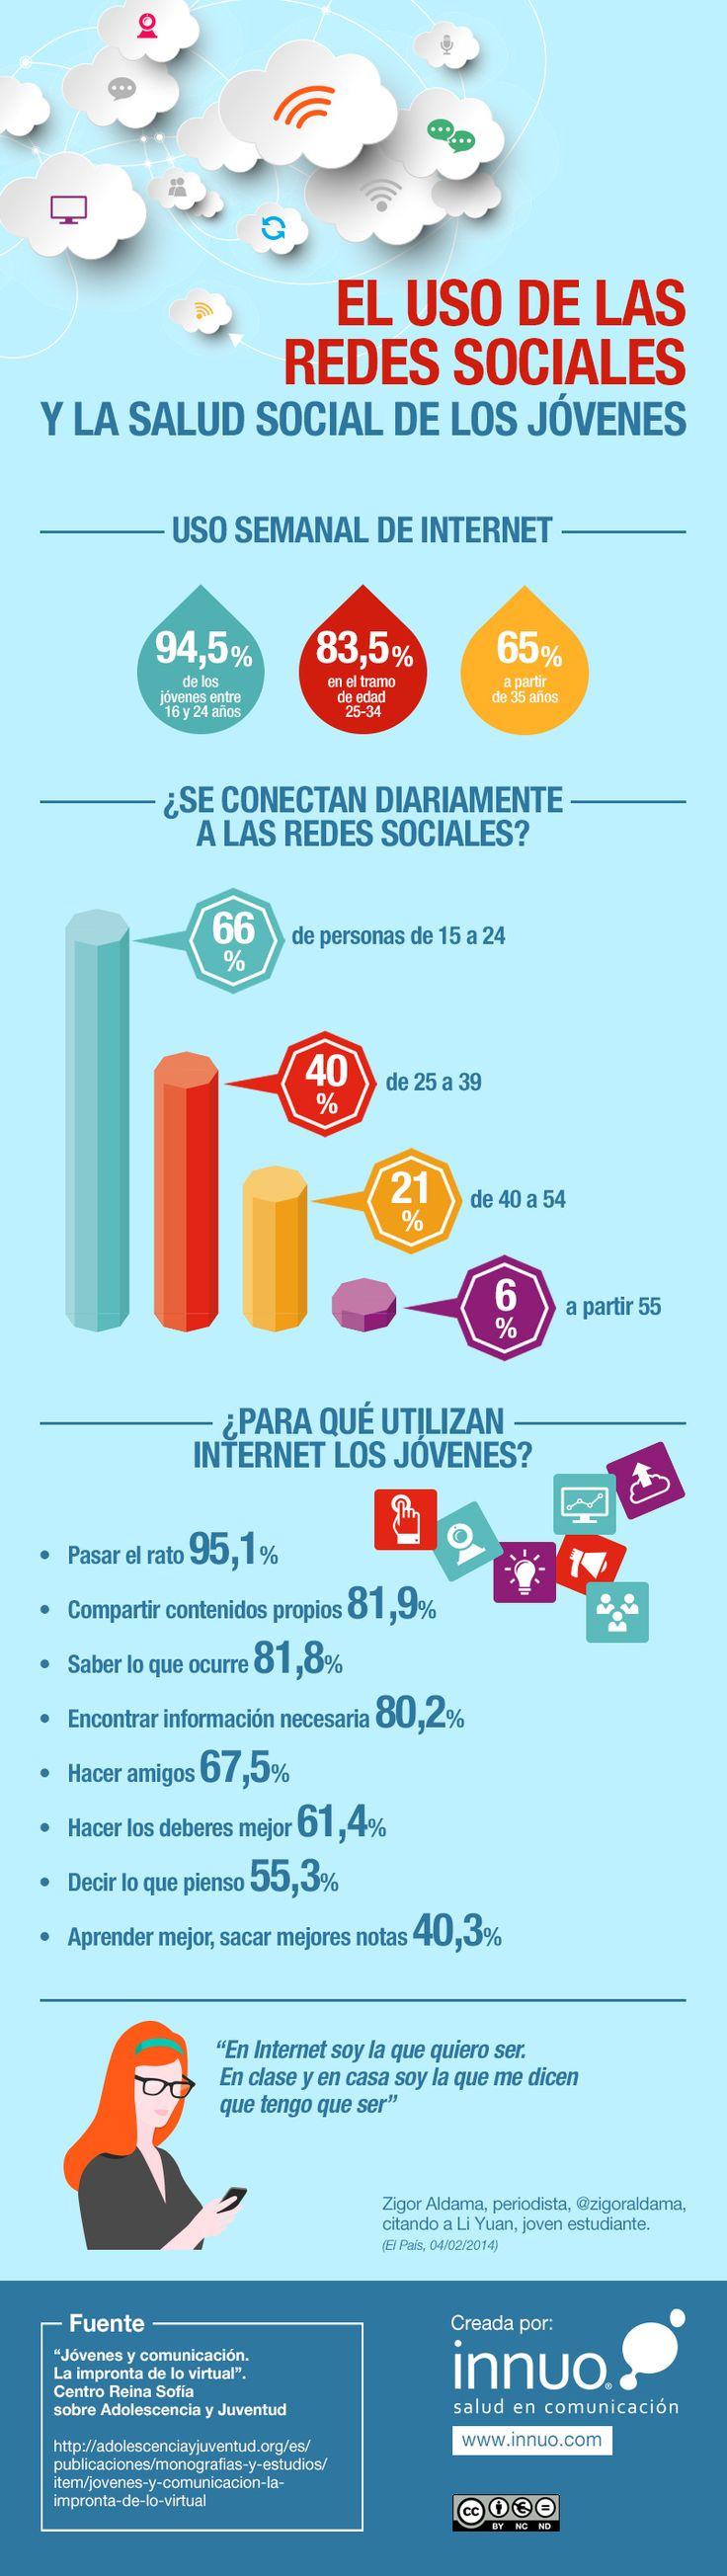 #Infografia El uso de las redes sociales y la salud social de los jóvenes